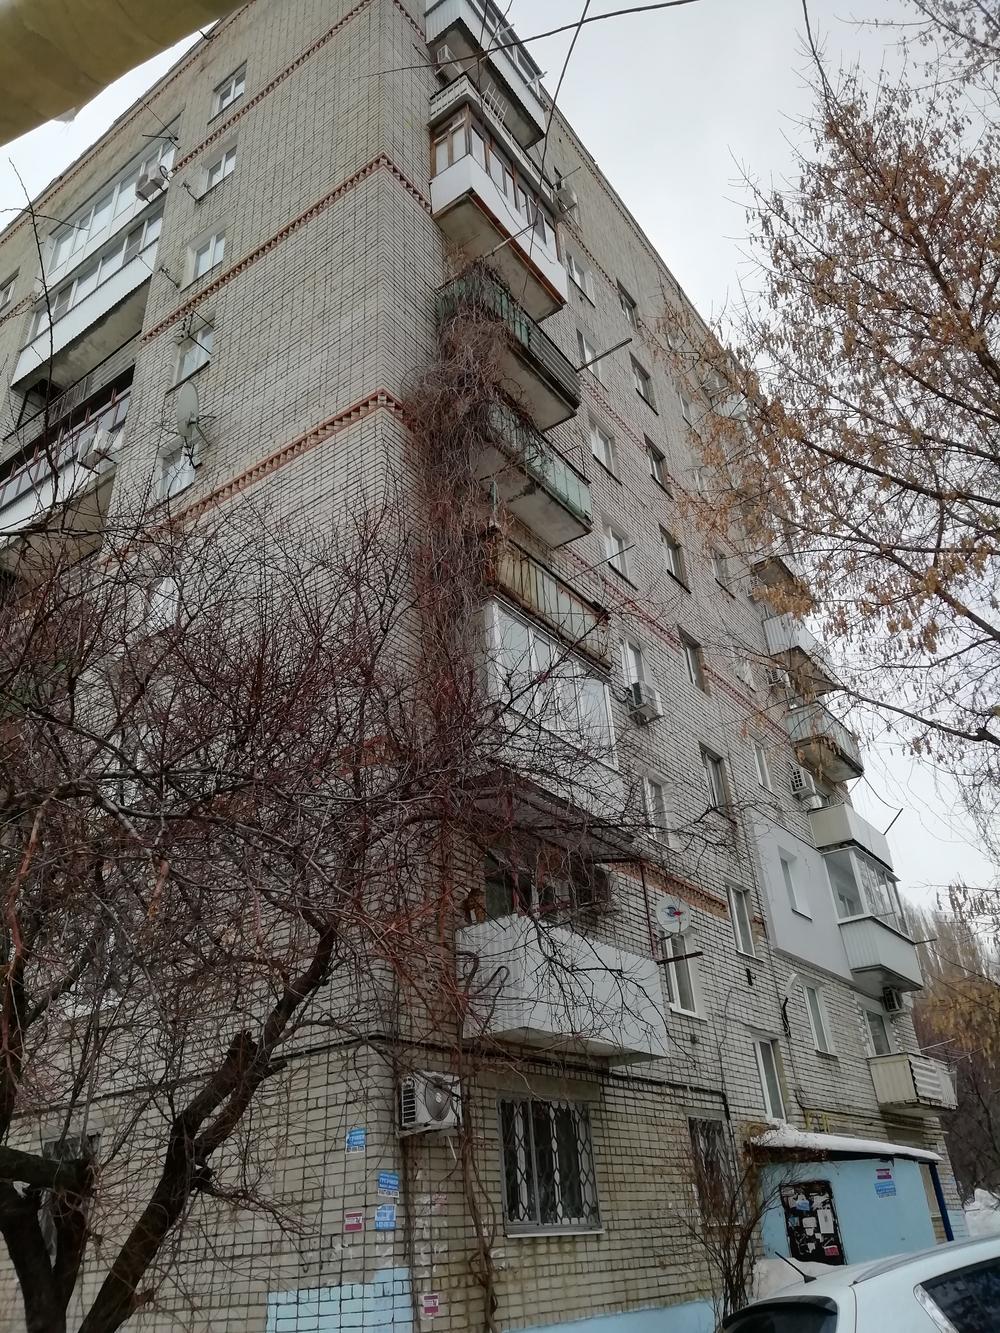 Продам 2-комнатную квартиру в городе Саратов, на улице 2-й Магнитный, 6, 5-этаж 9-этажного Кирпич дома, площадь: 44/27/6 м2